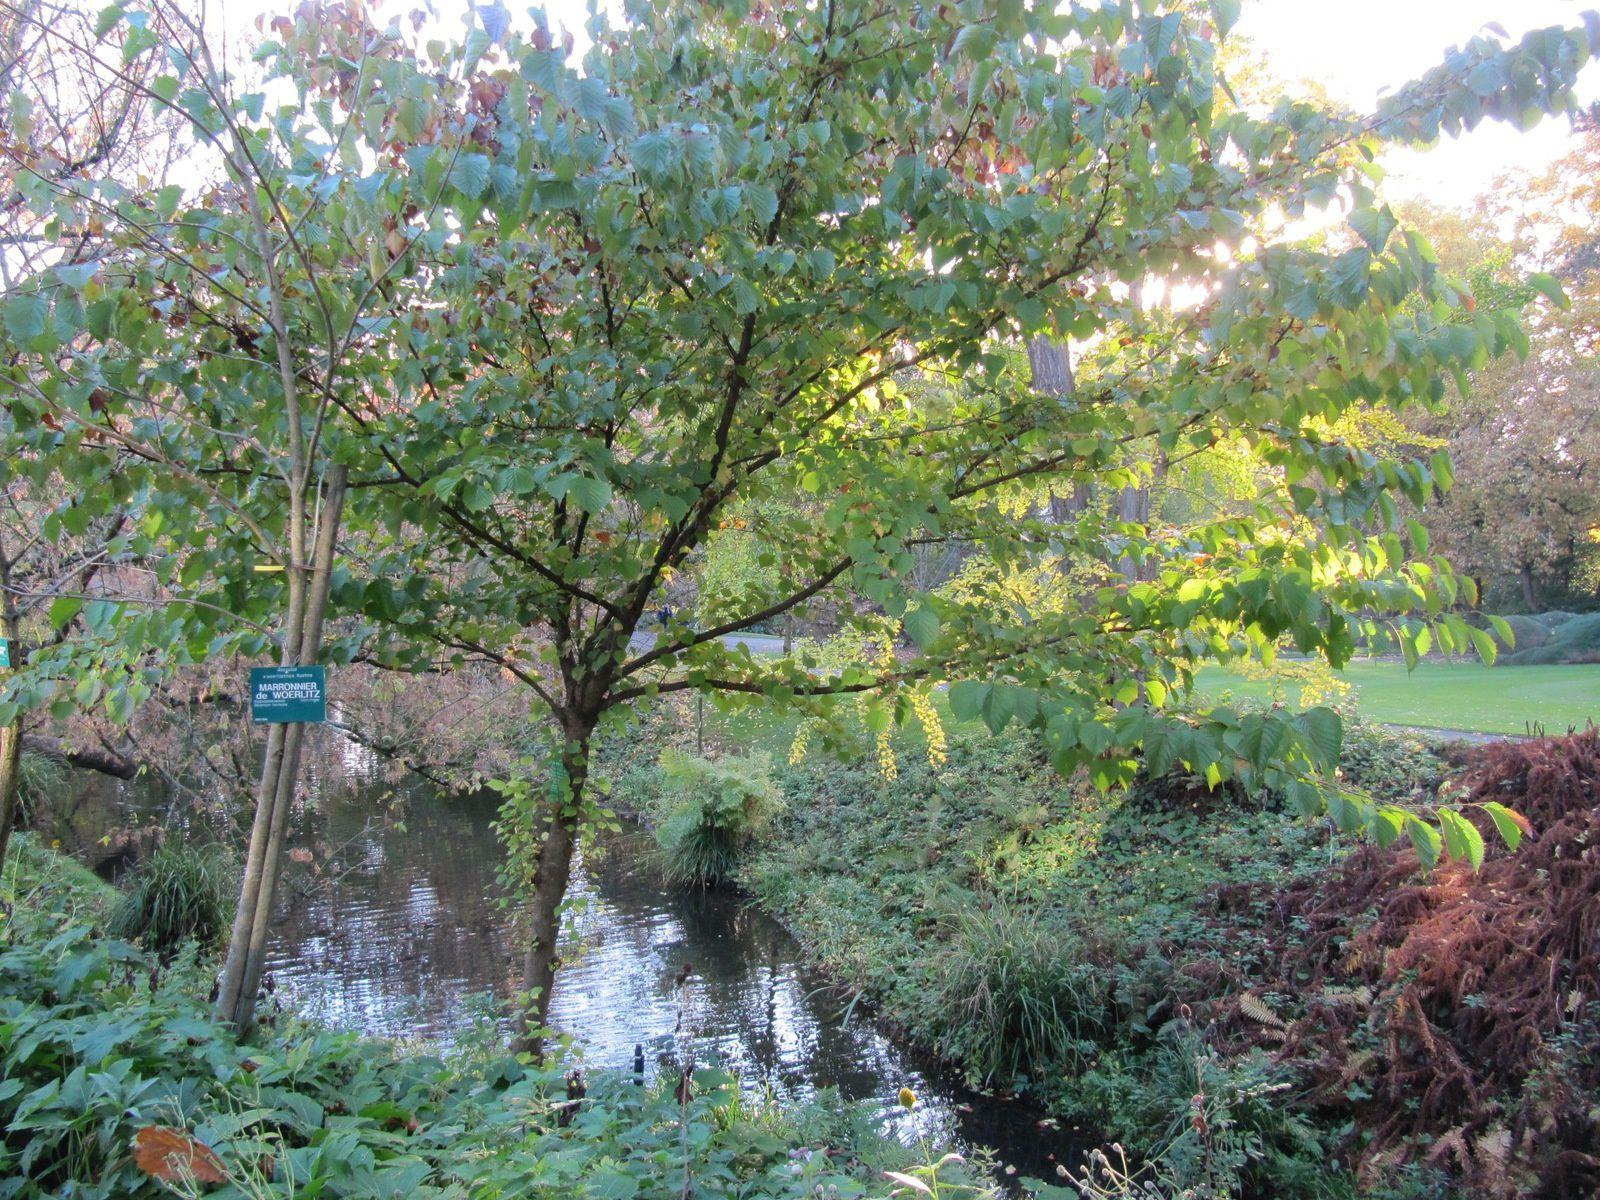 Balade au jardin des plantes de nantes rosalie dans tous ses tats for Jardin des plantes nantes de nuit